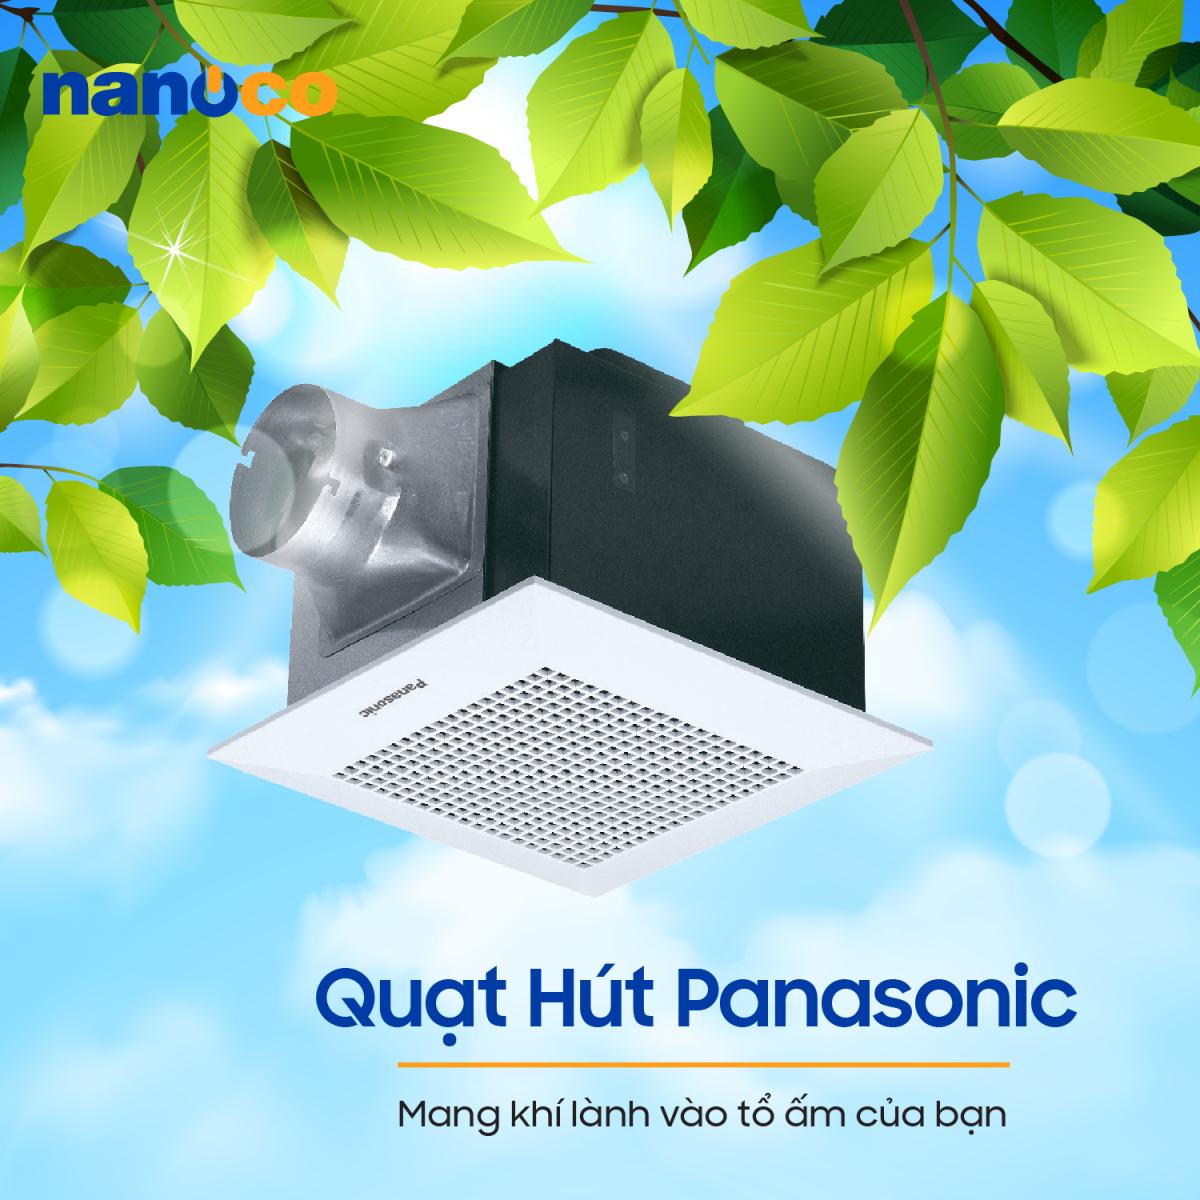 Quat hut-01.png